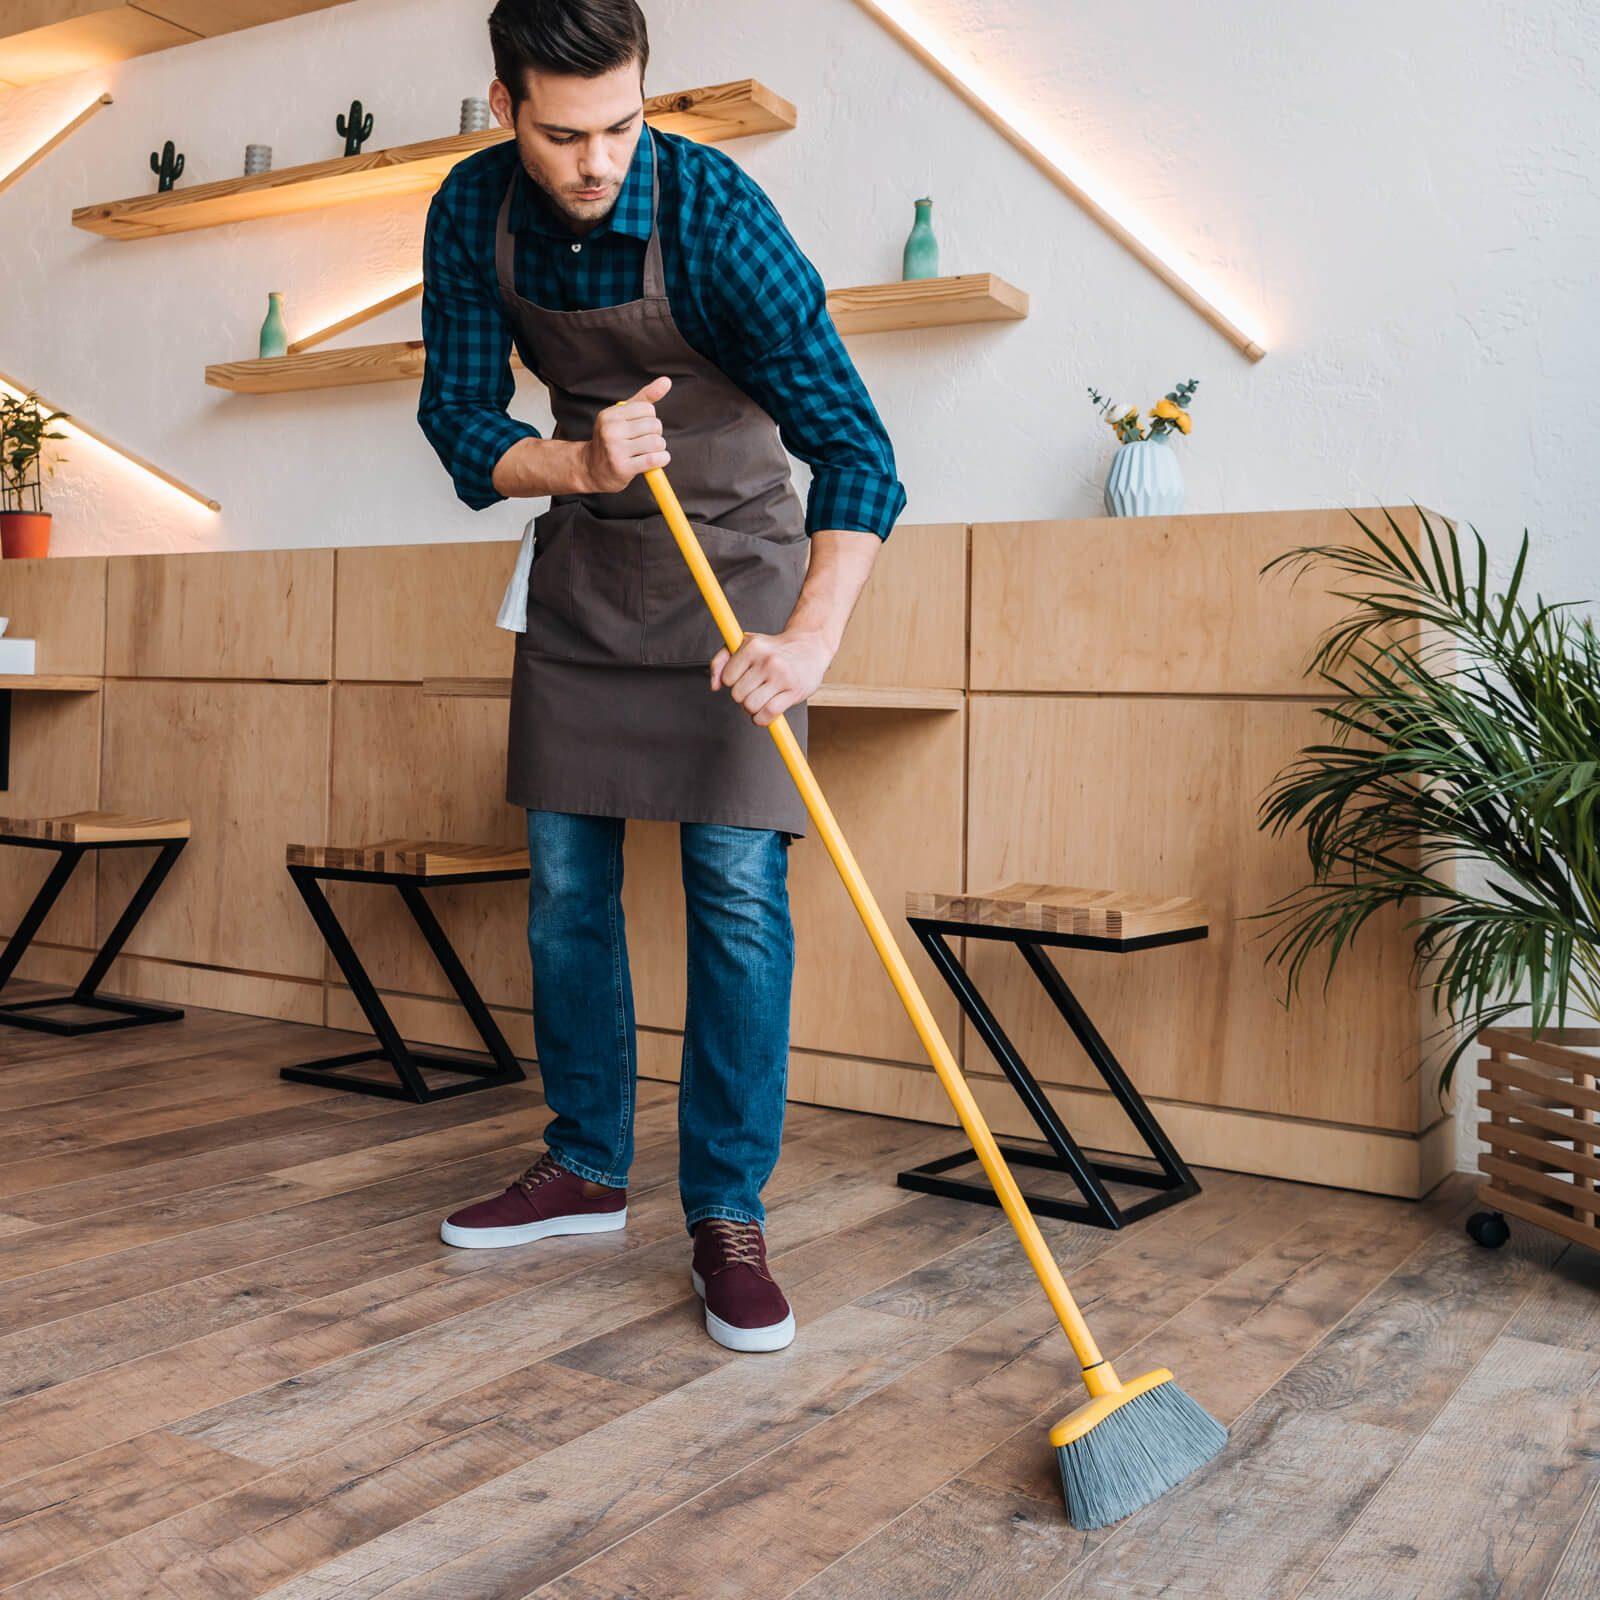 Hardwood floor sweeping | Flooring by Wilson's Carpet Plus